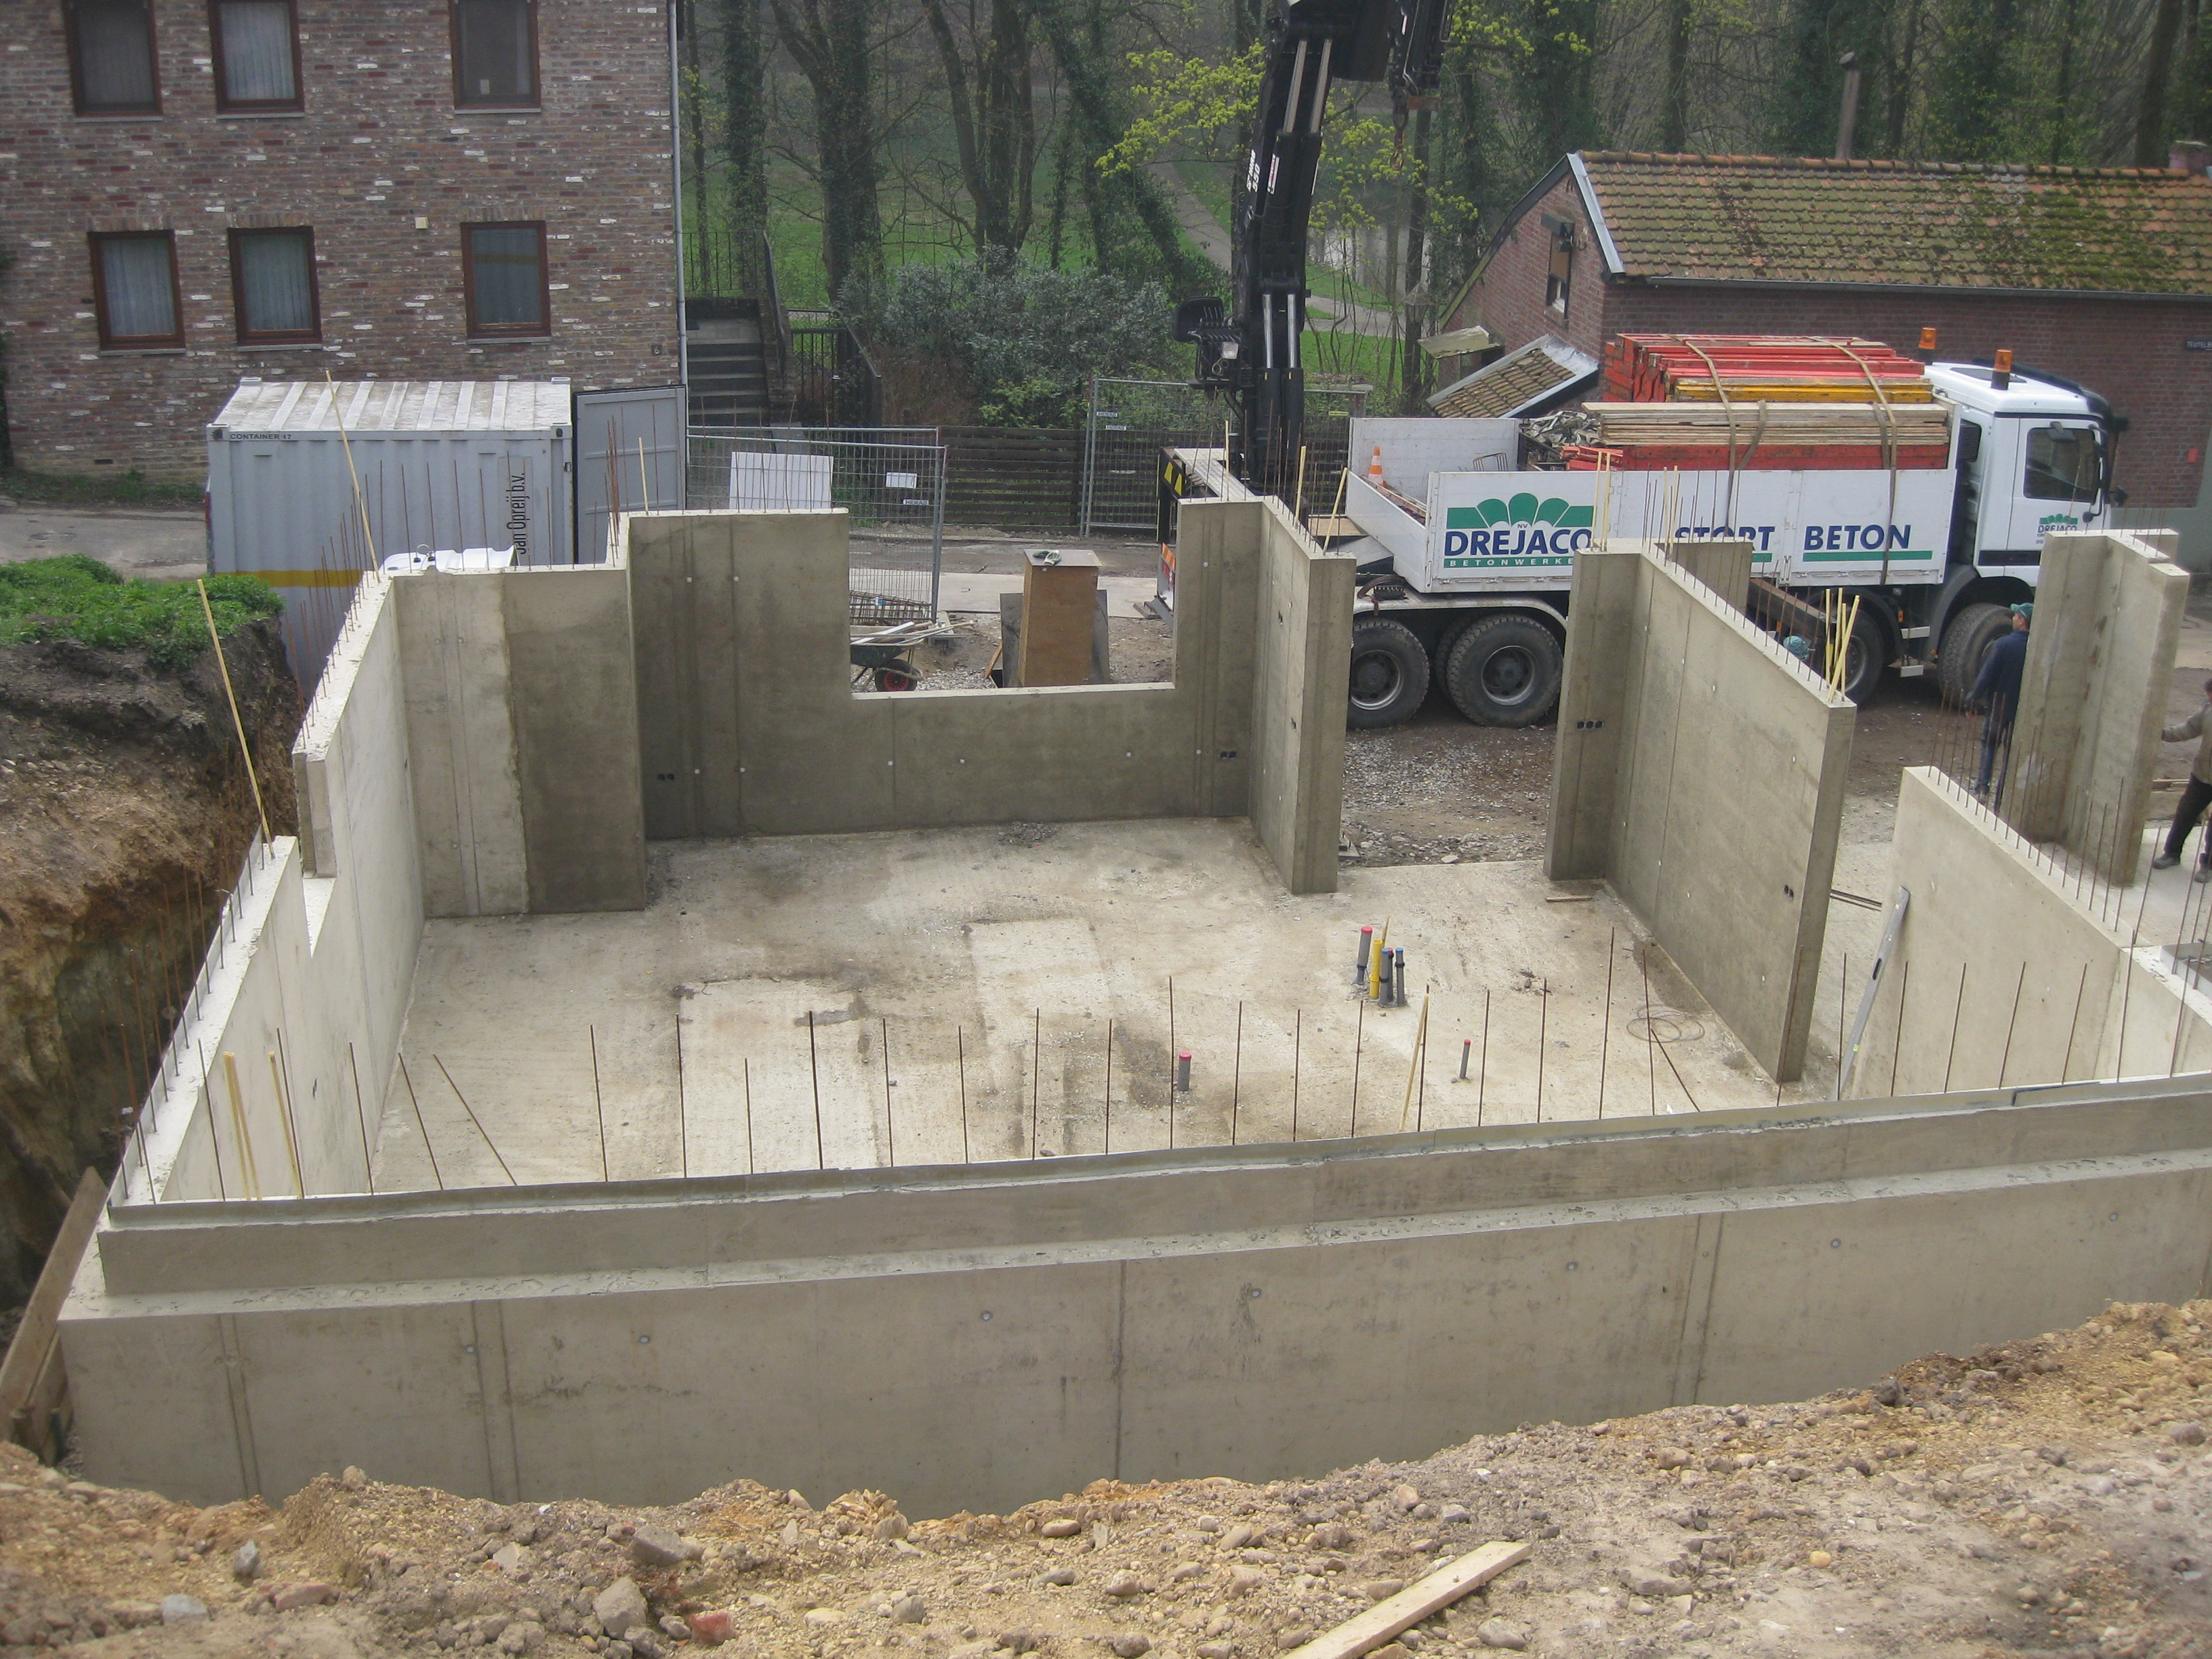 Woning in beton te Kerkrade (NL)